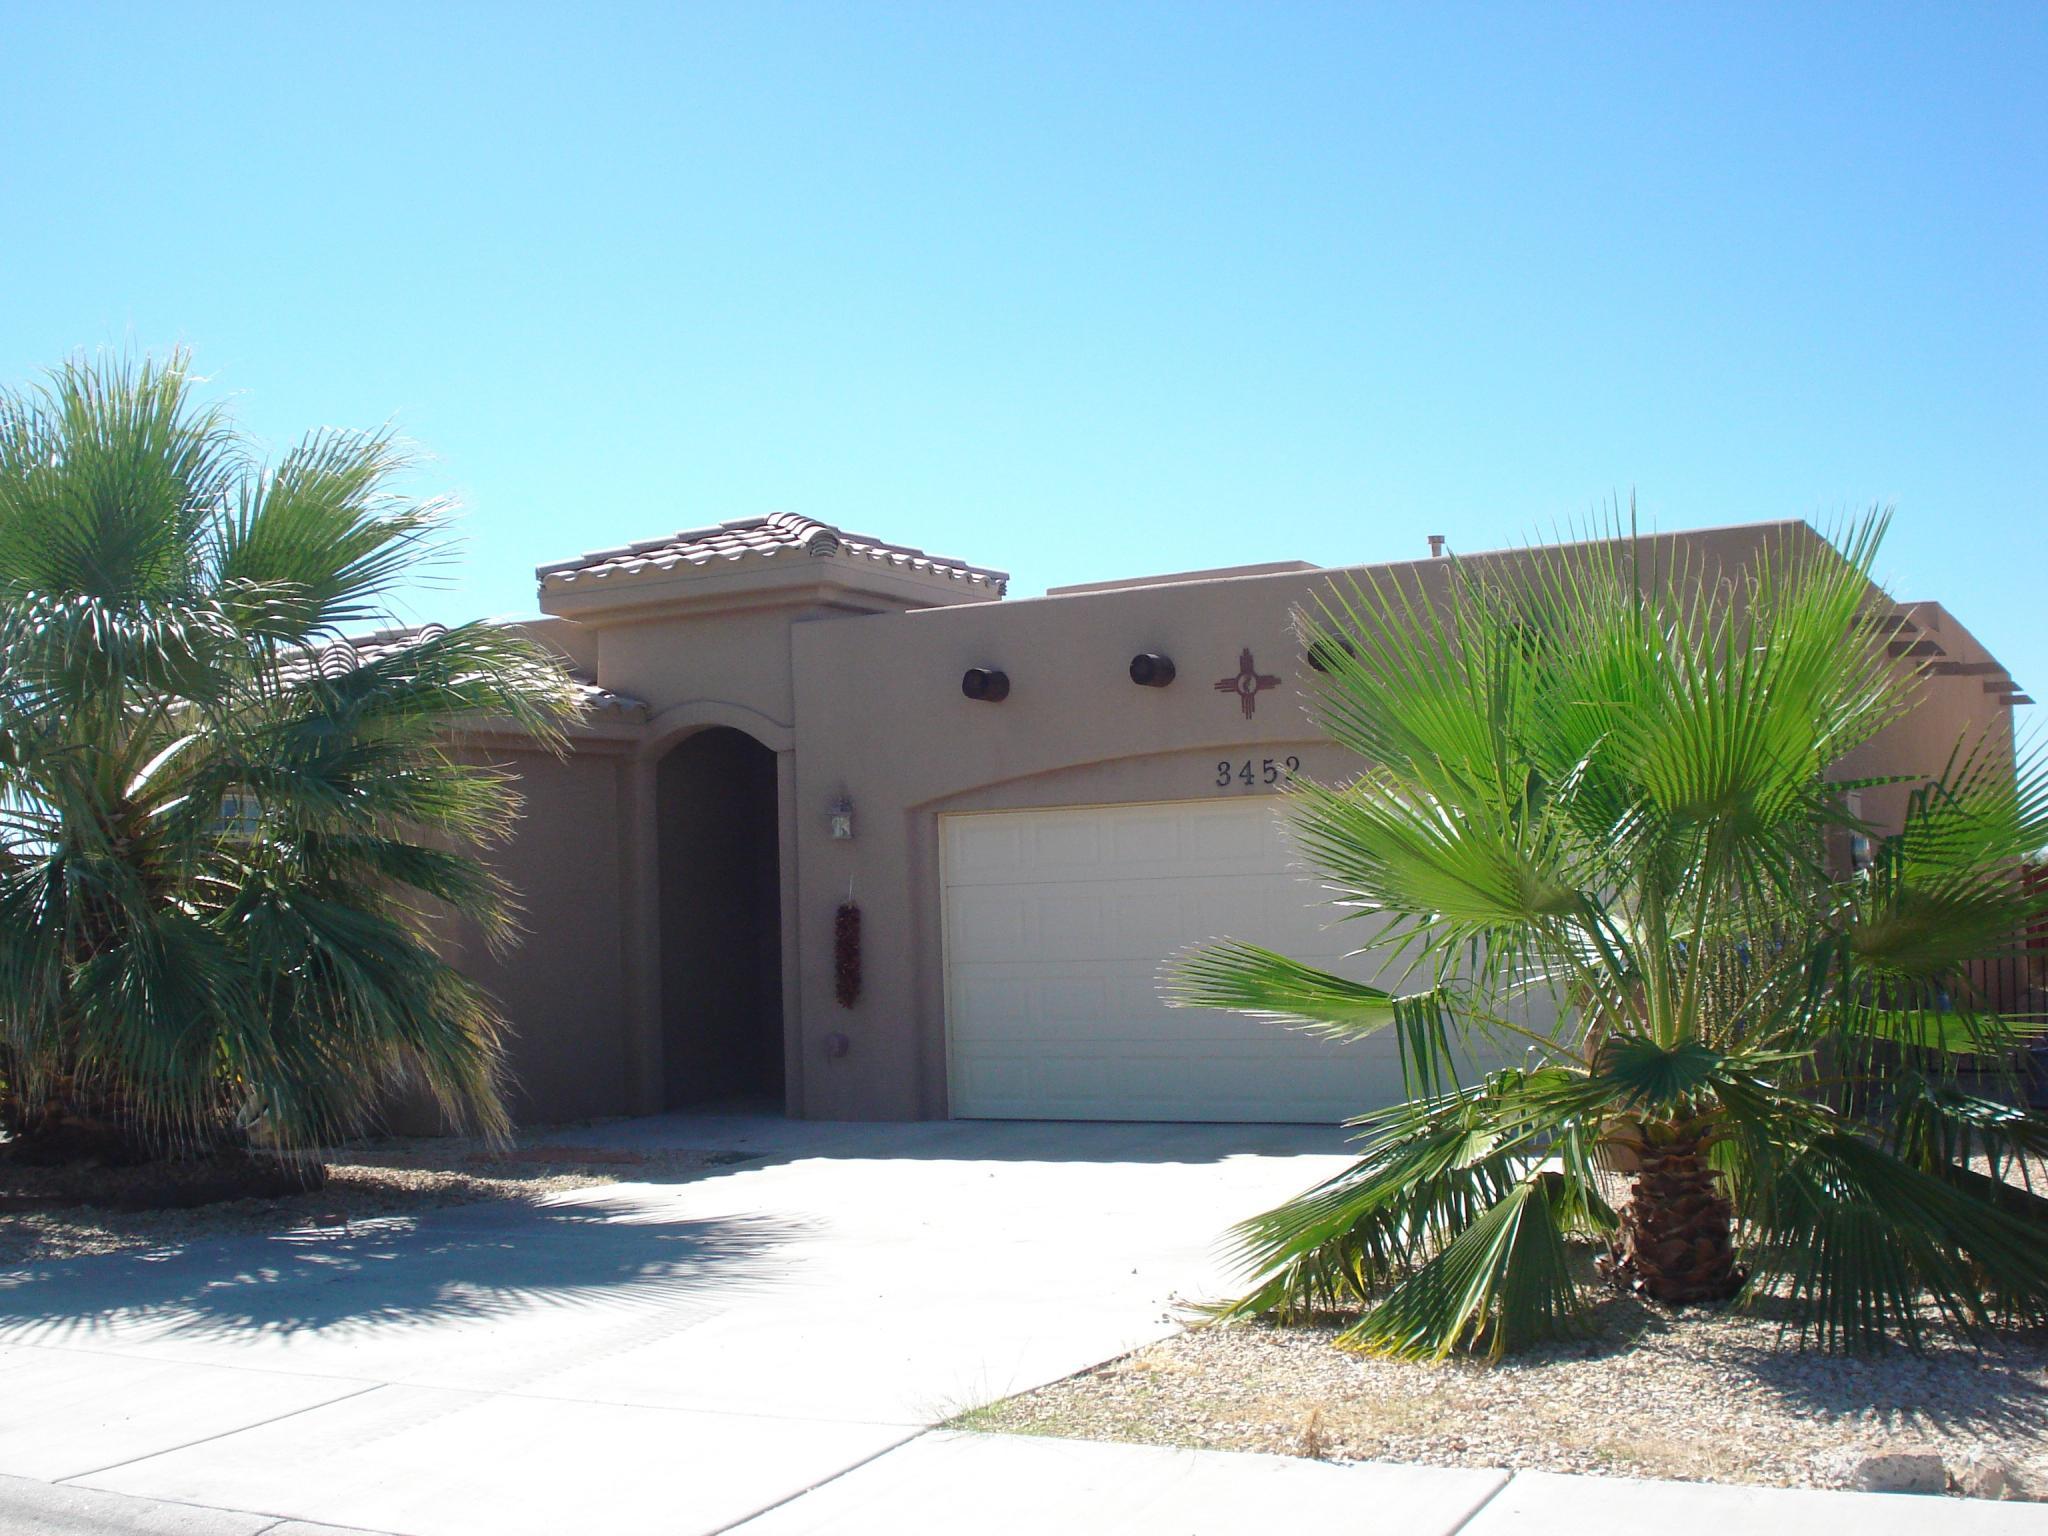 3452 Valverde Loop, Las Cruces, NM 88012 For Rent | Trulia